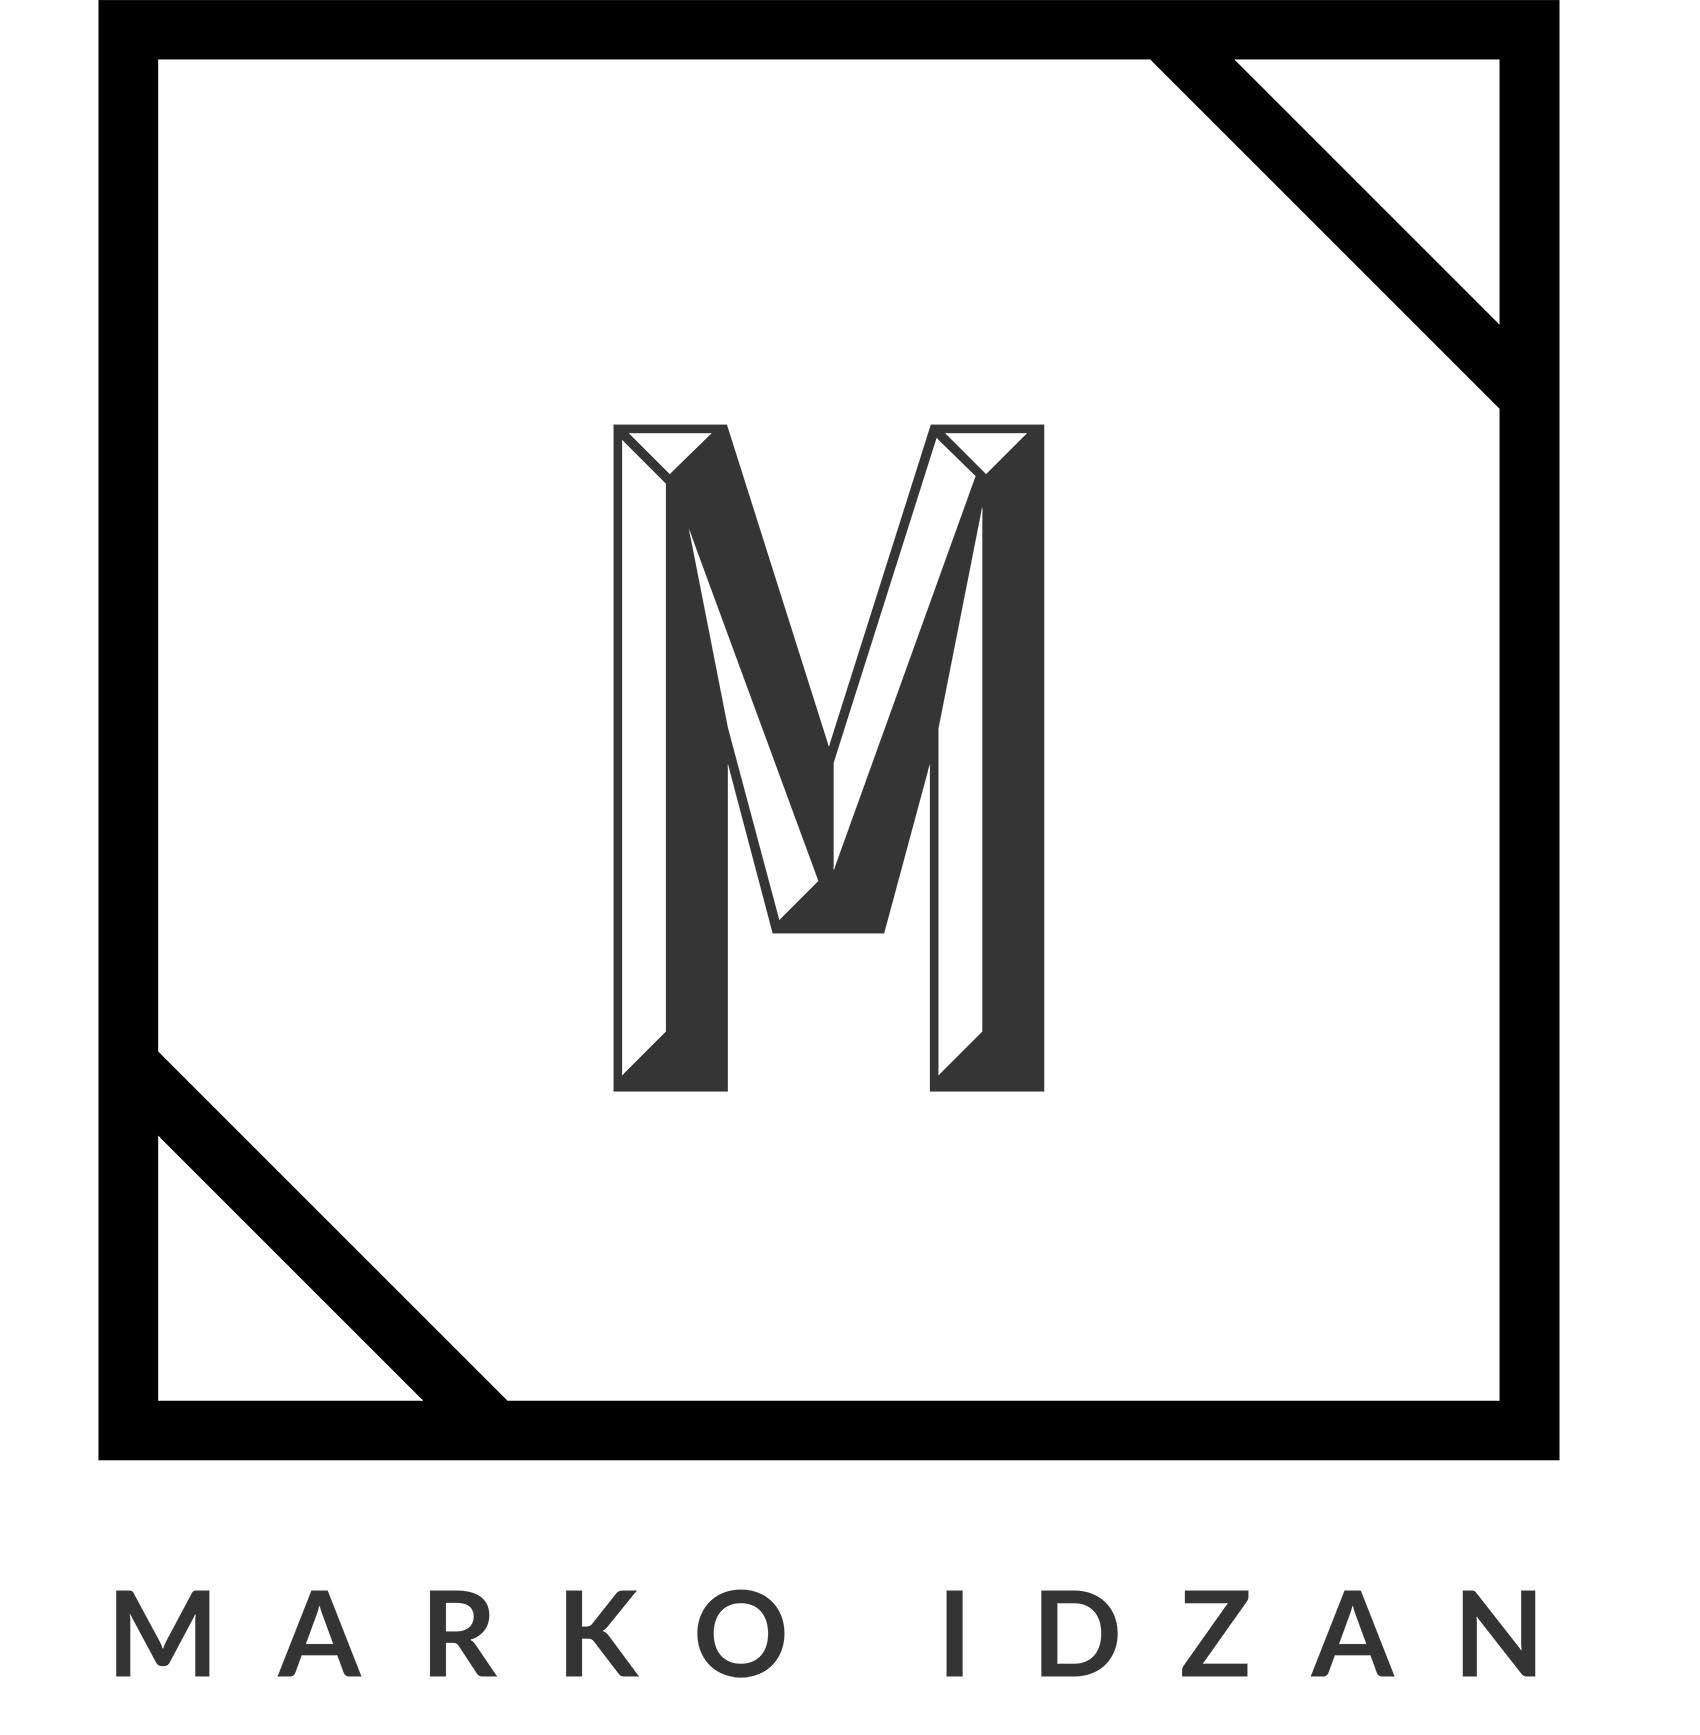 Marko Idzan Official Logo Design